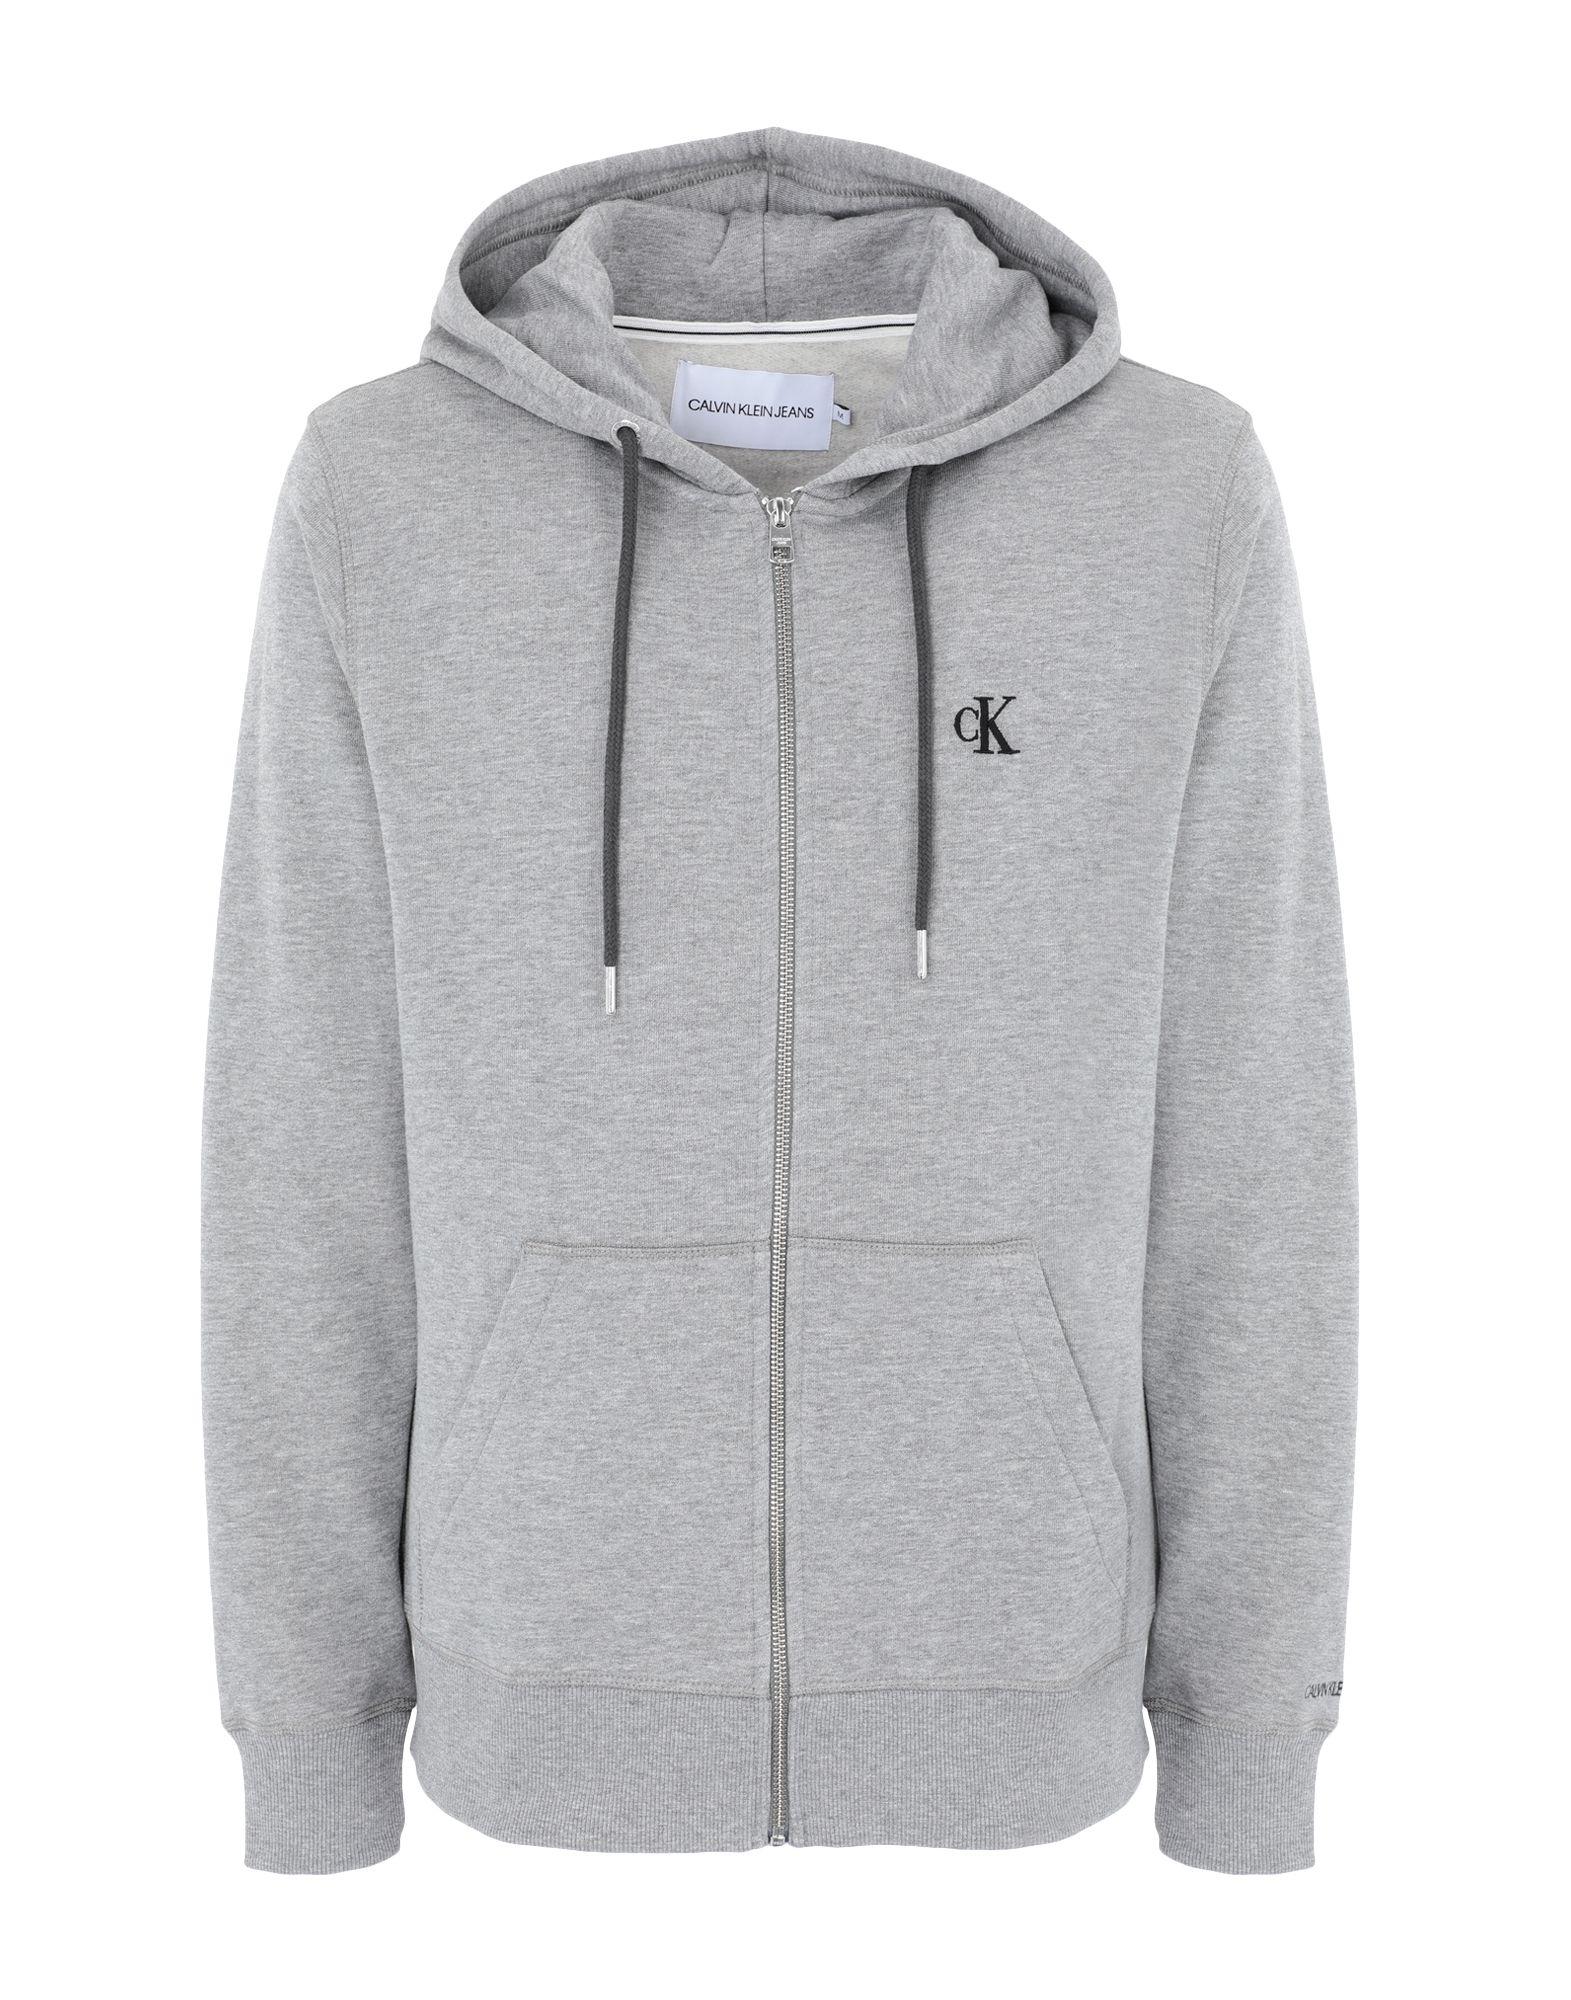 《セール開催中》CALVIN KLEIN JEANS メンズ スウェットシャツ グレー S コットン 50% / ポリエステル 50% CK ESSENTIAL REGULAR ZIP